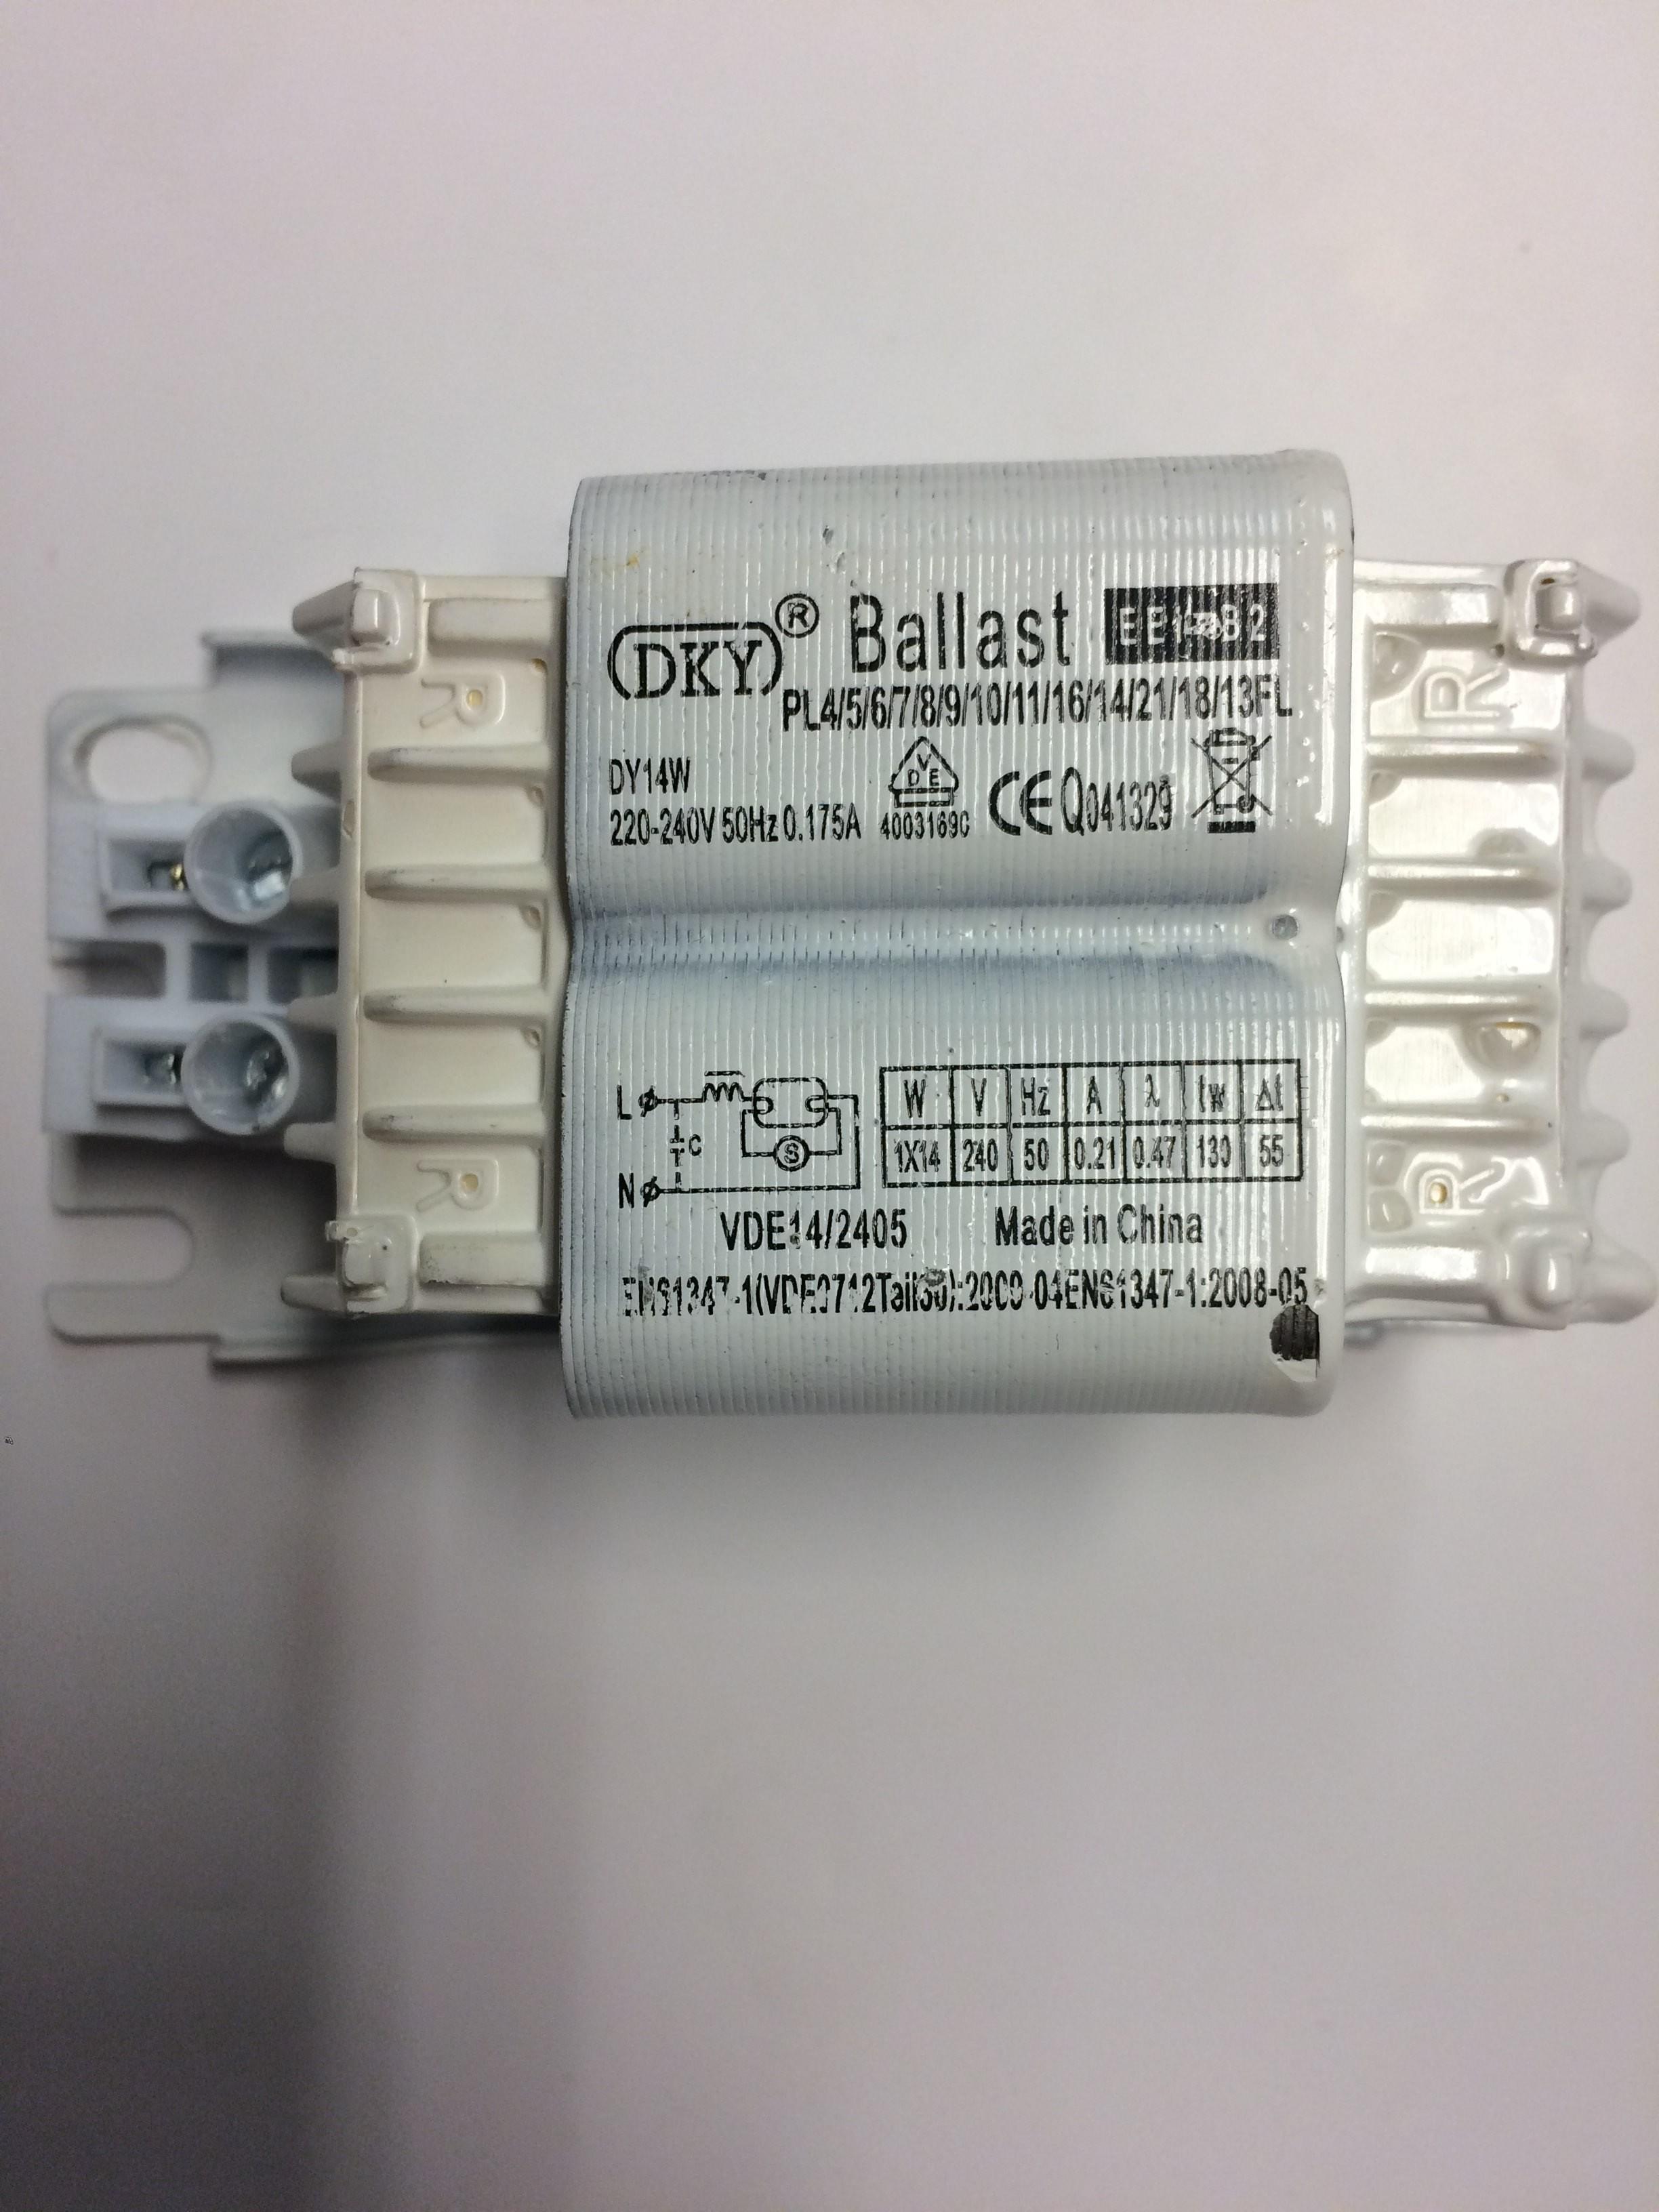 Rhino Cold900/Monaco900 Ballast